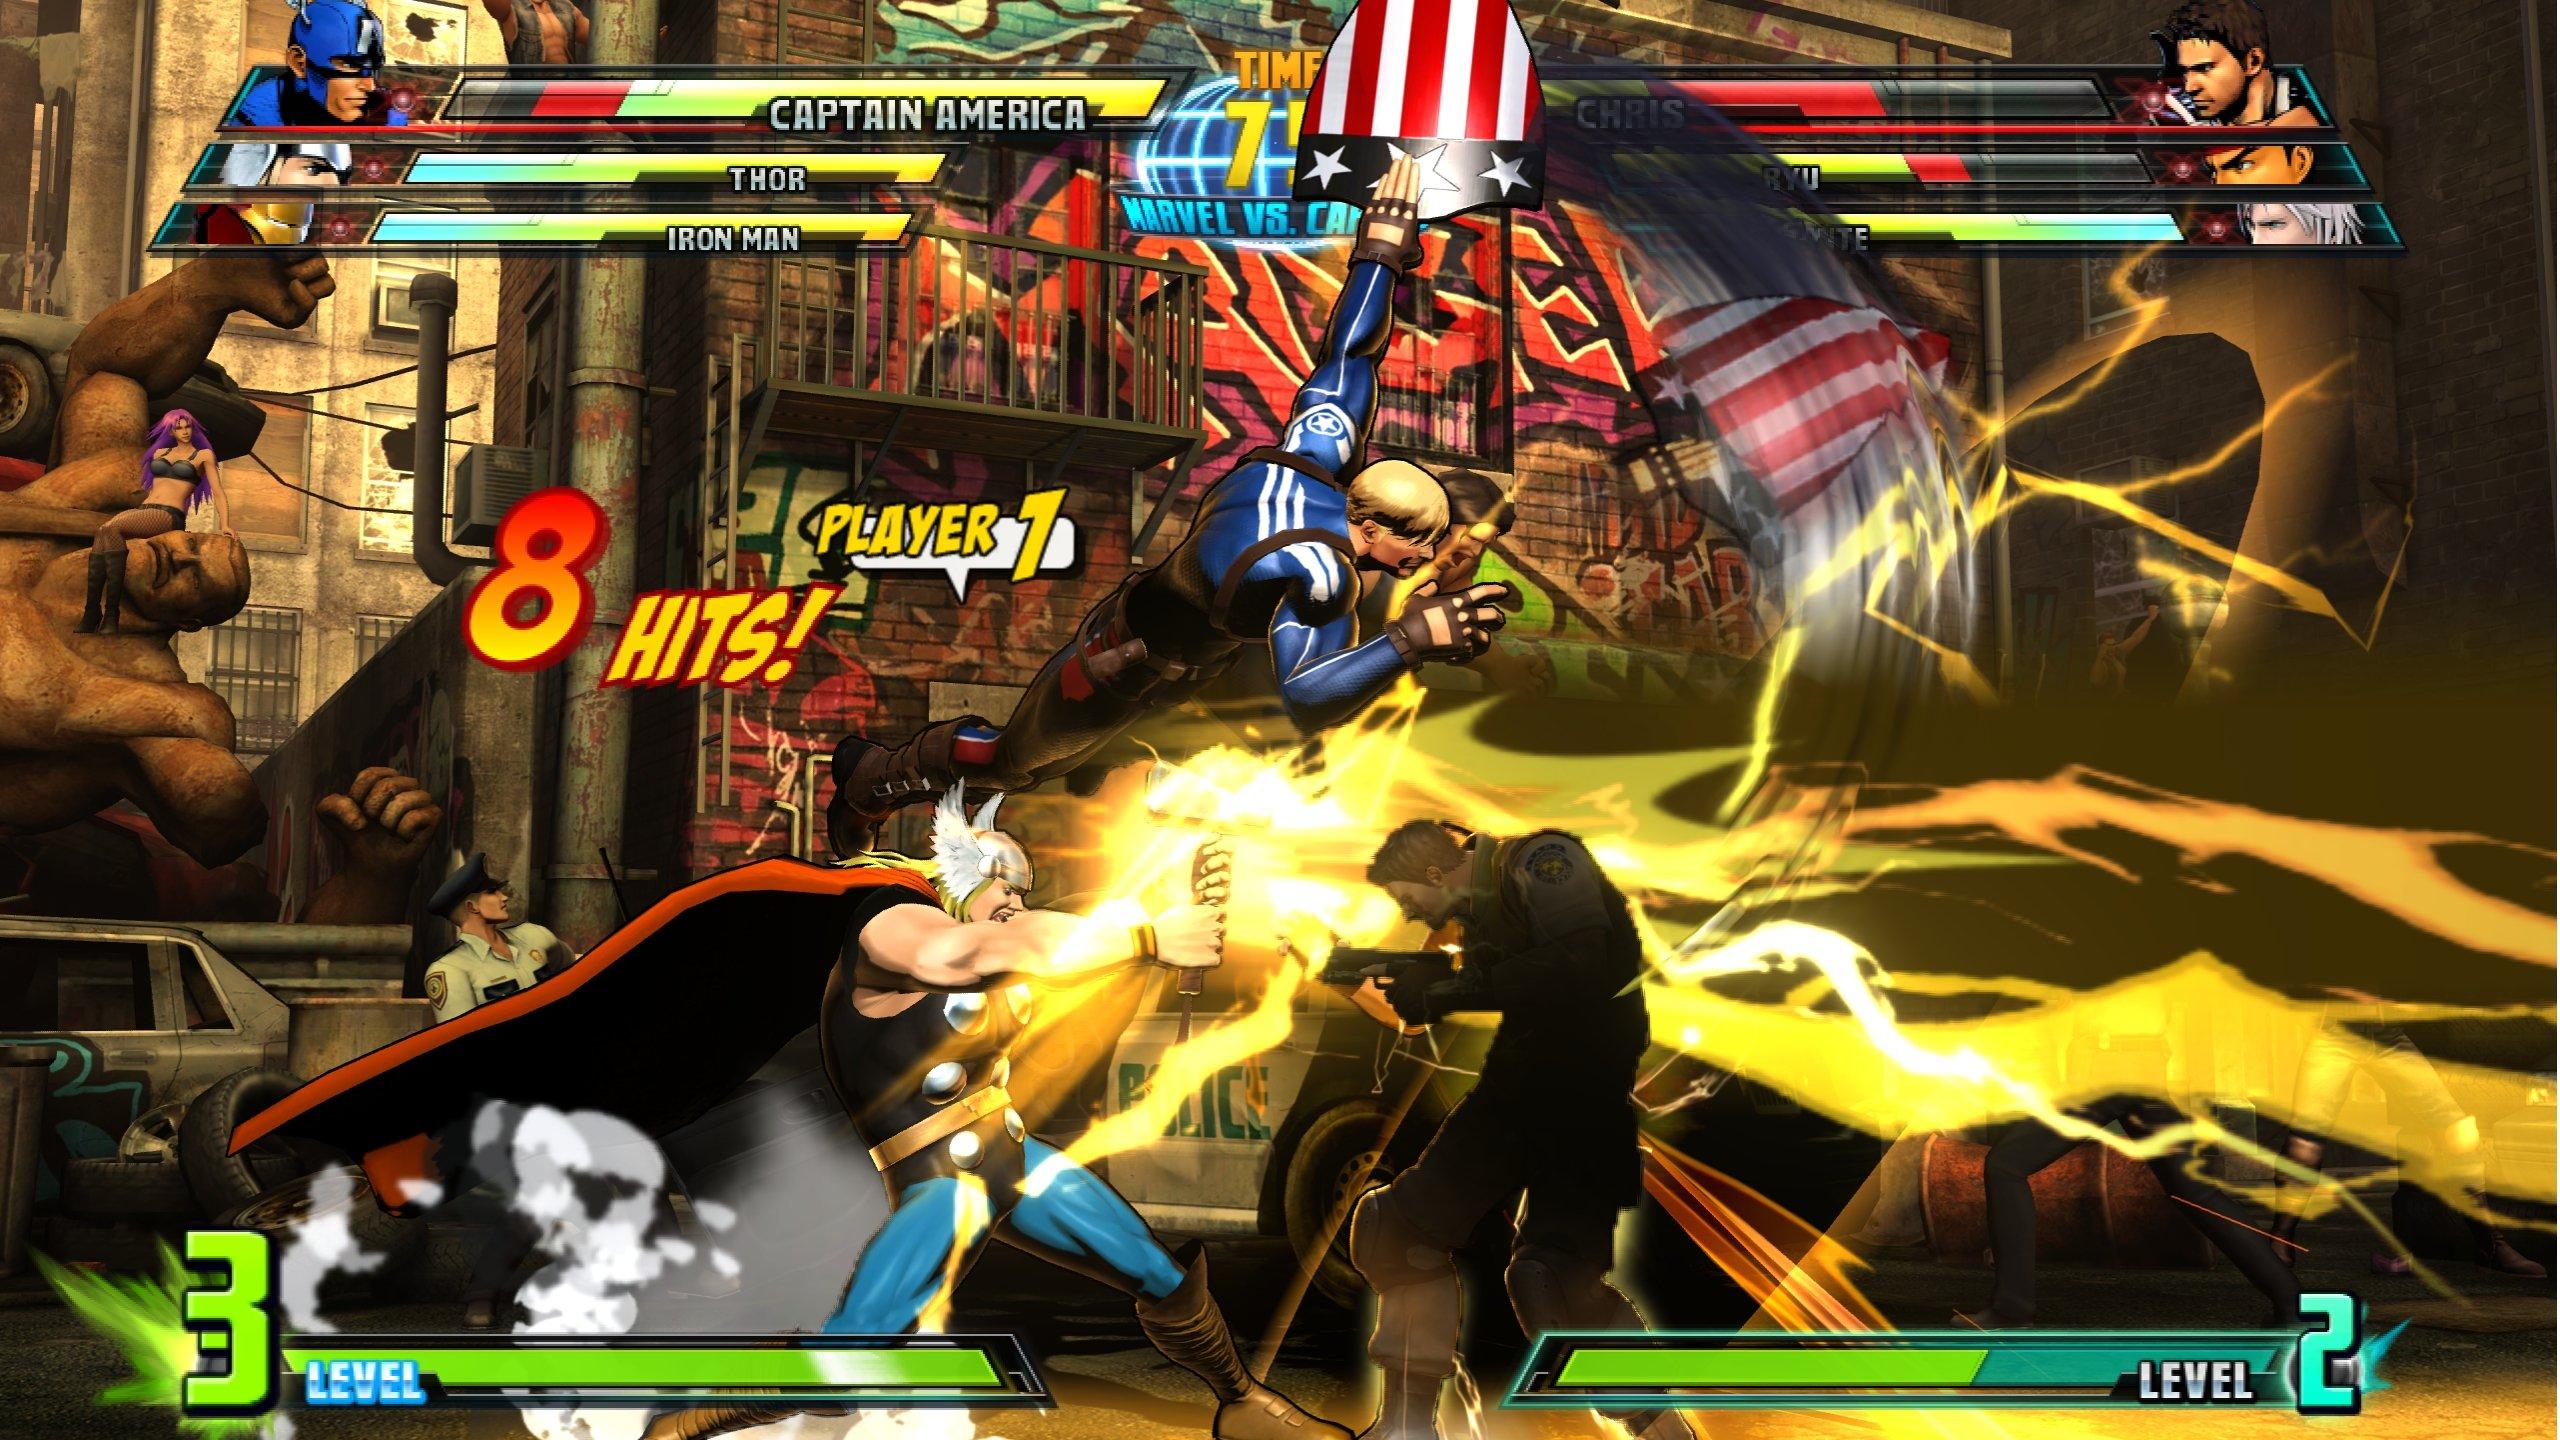 Marvel vs. Capcom 3: Fate of Two Worlds - Marvel vs. Capcom 3: Fate of Two Worlds